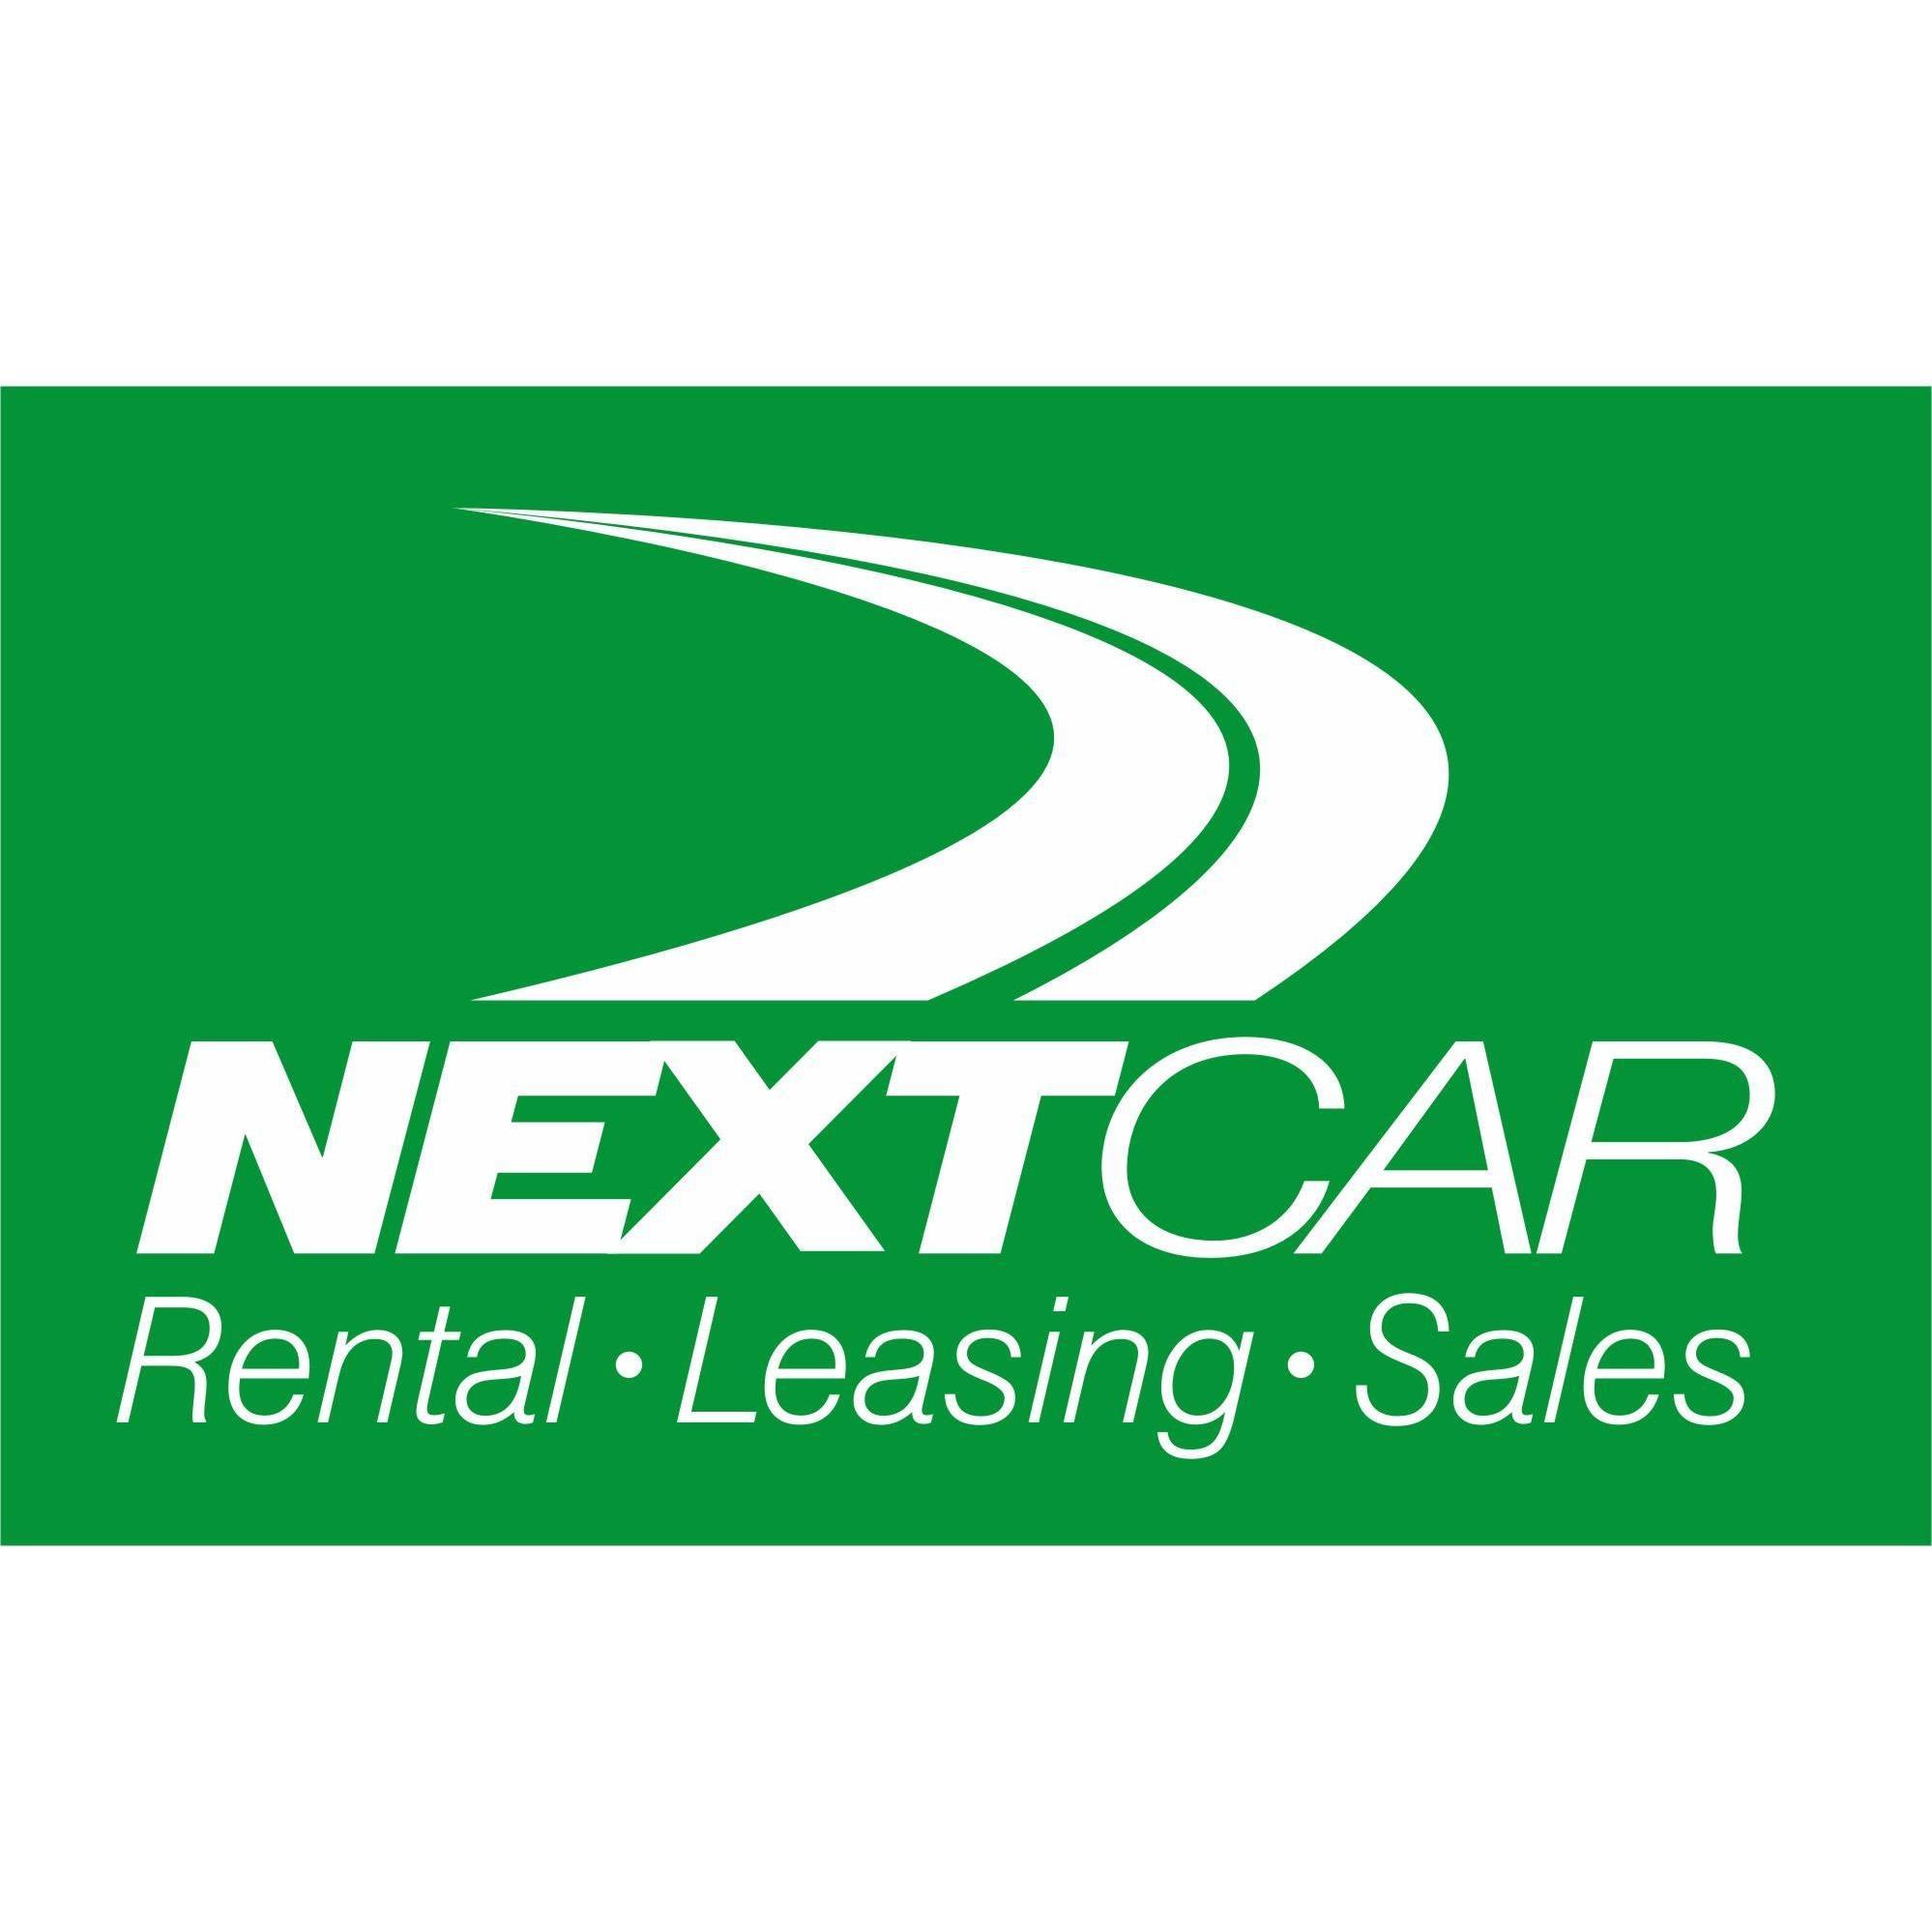 Nextcar image 2